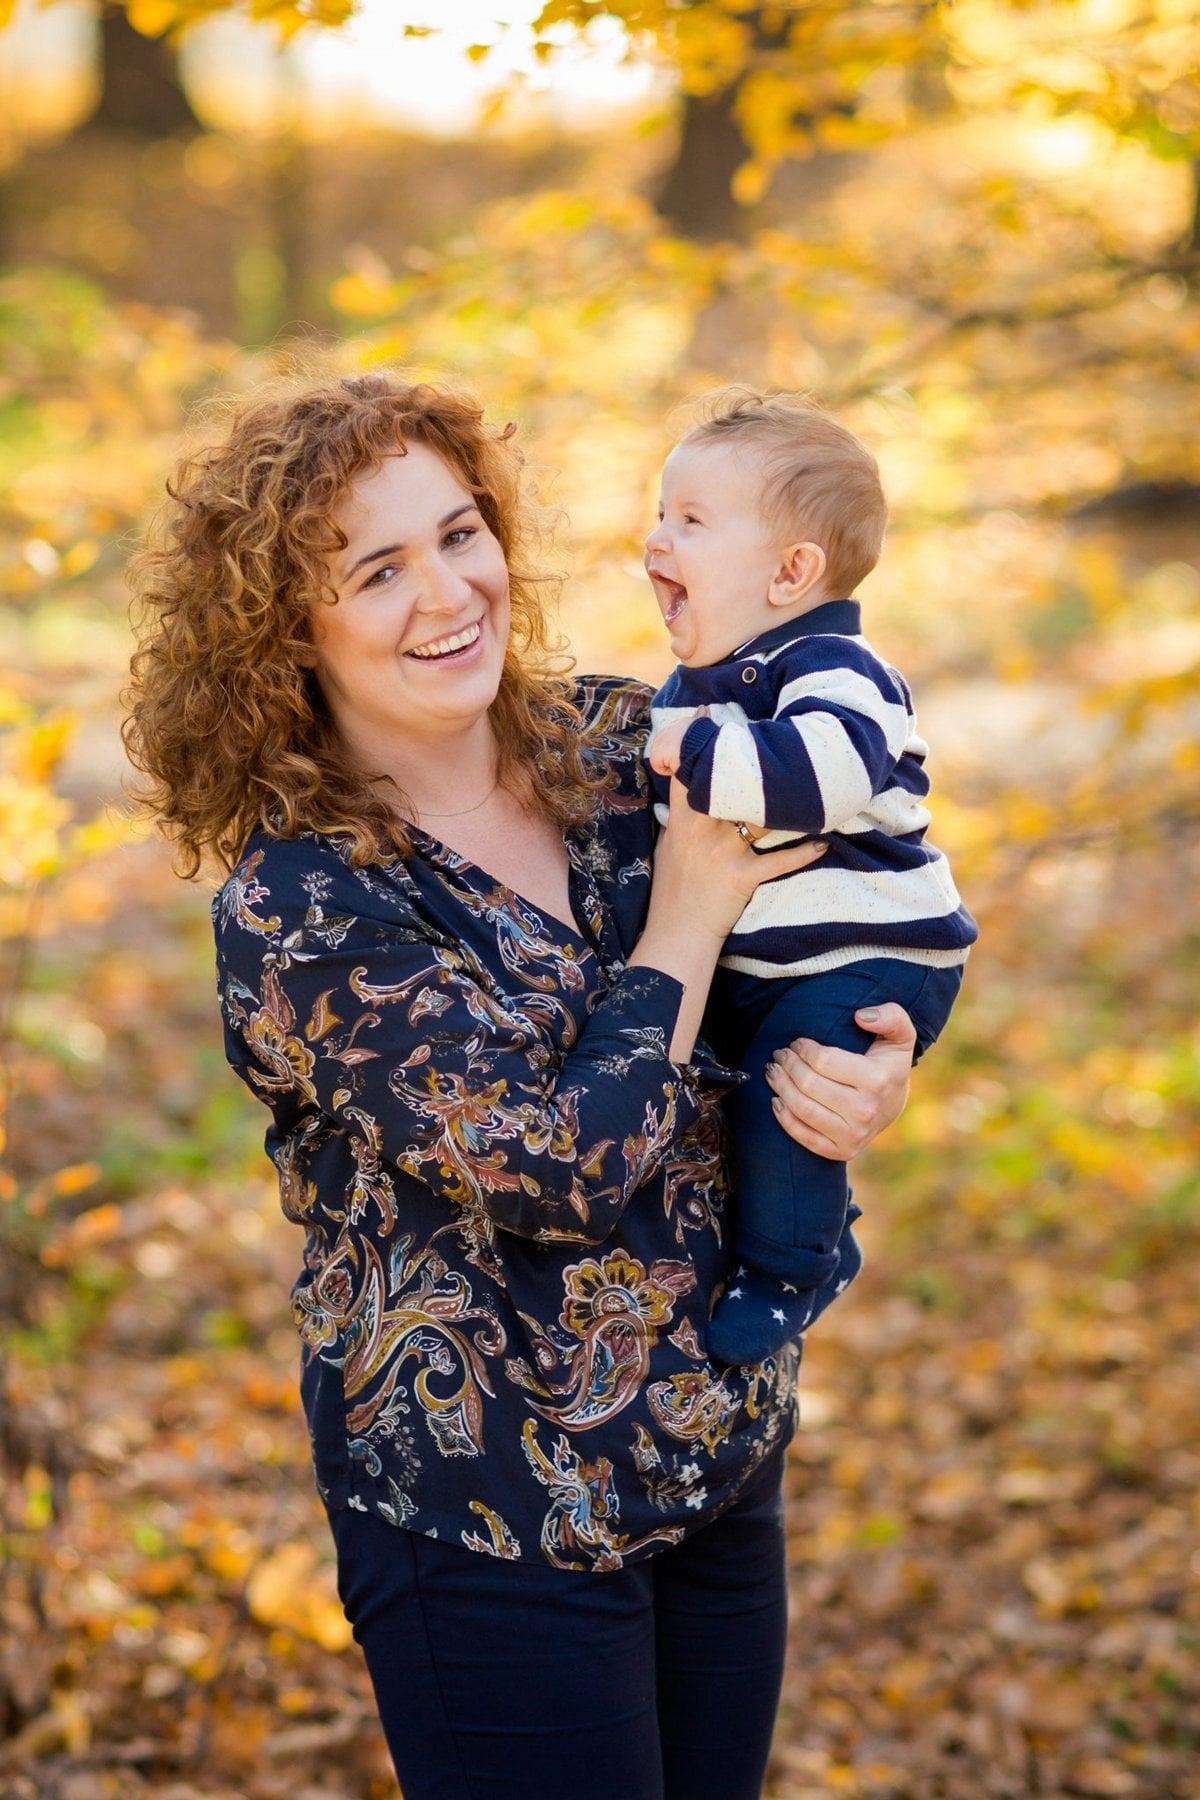 jesienna sesja rodzinna fotograf pszczyna 10m Jesienna sesja rodzinna